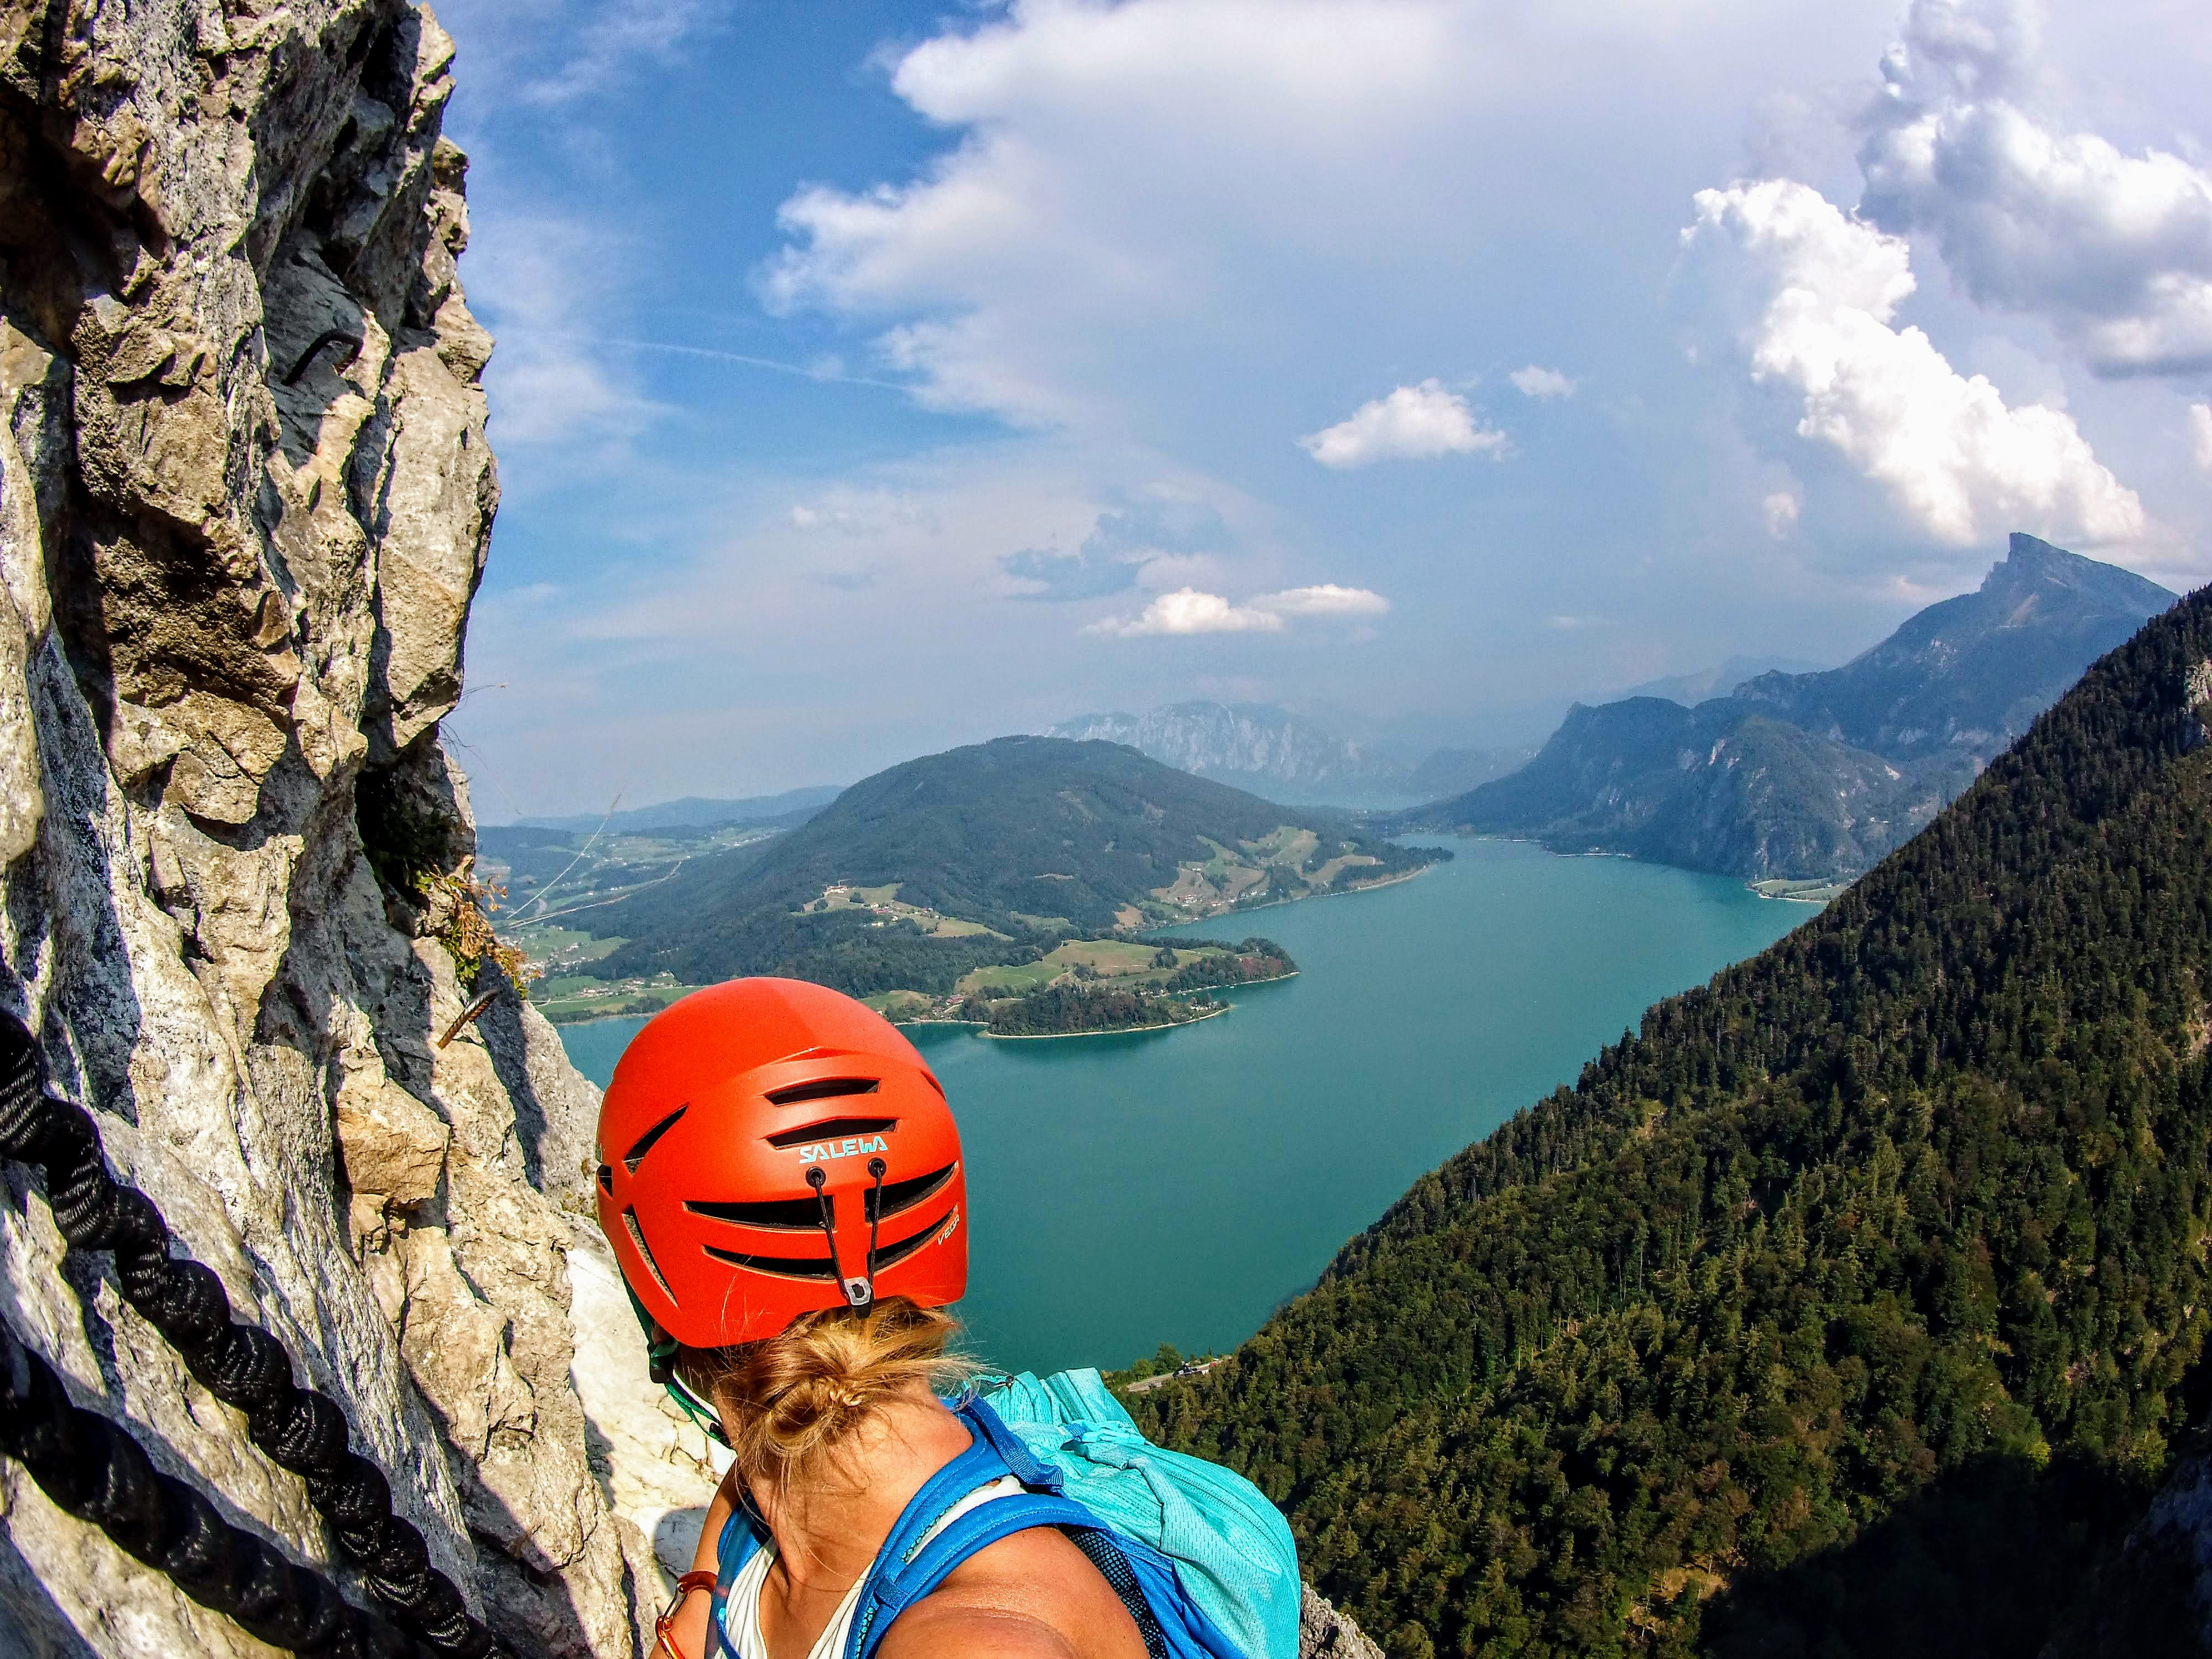 Klettersteig Drachenwand : Drachenwand klettersteig mondsee u bergseensucht